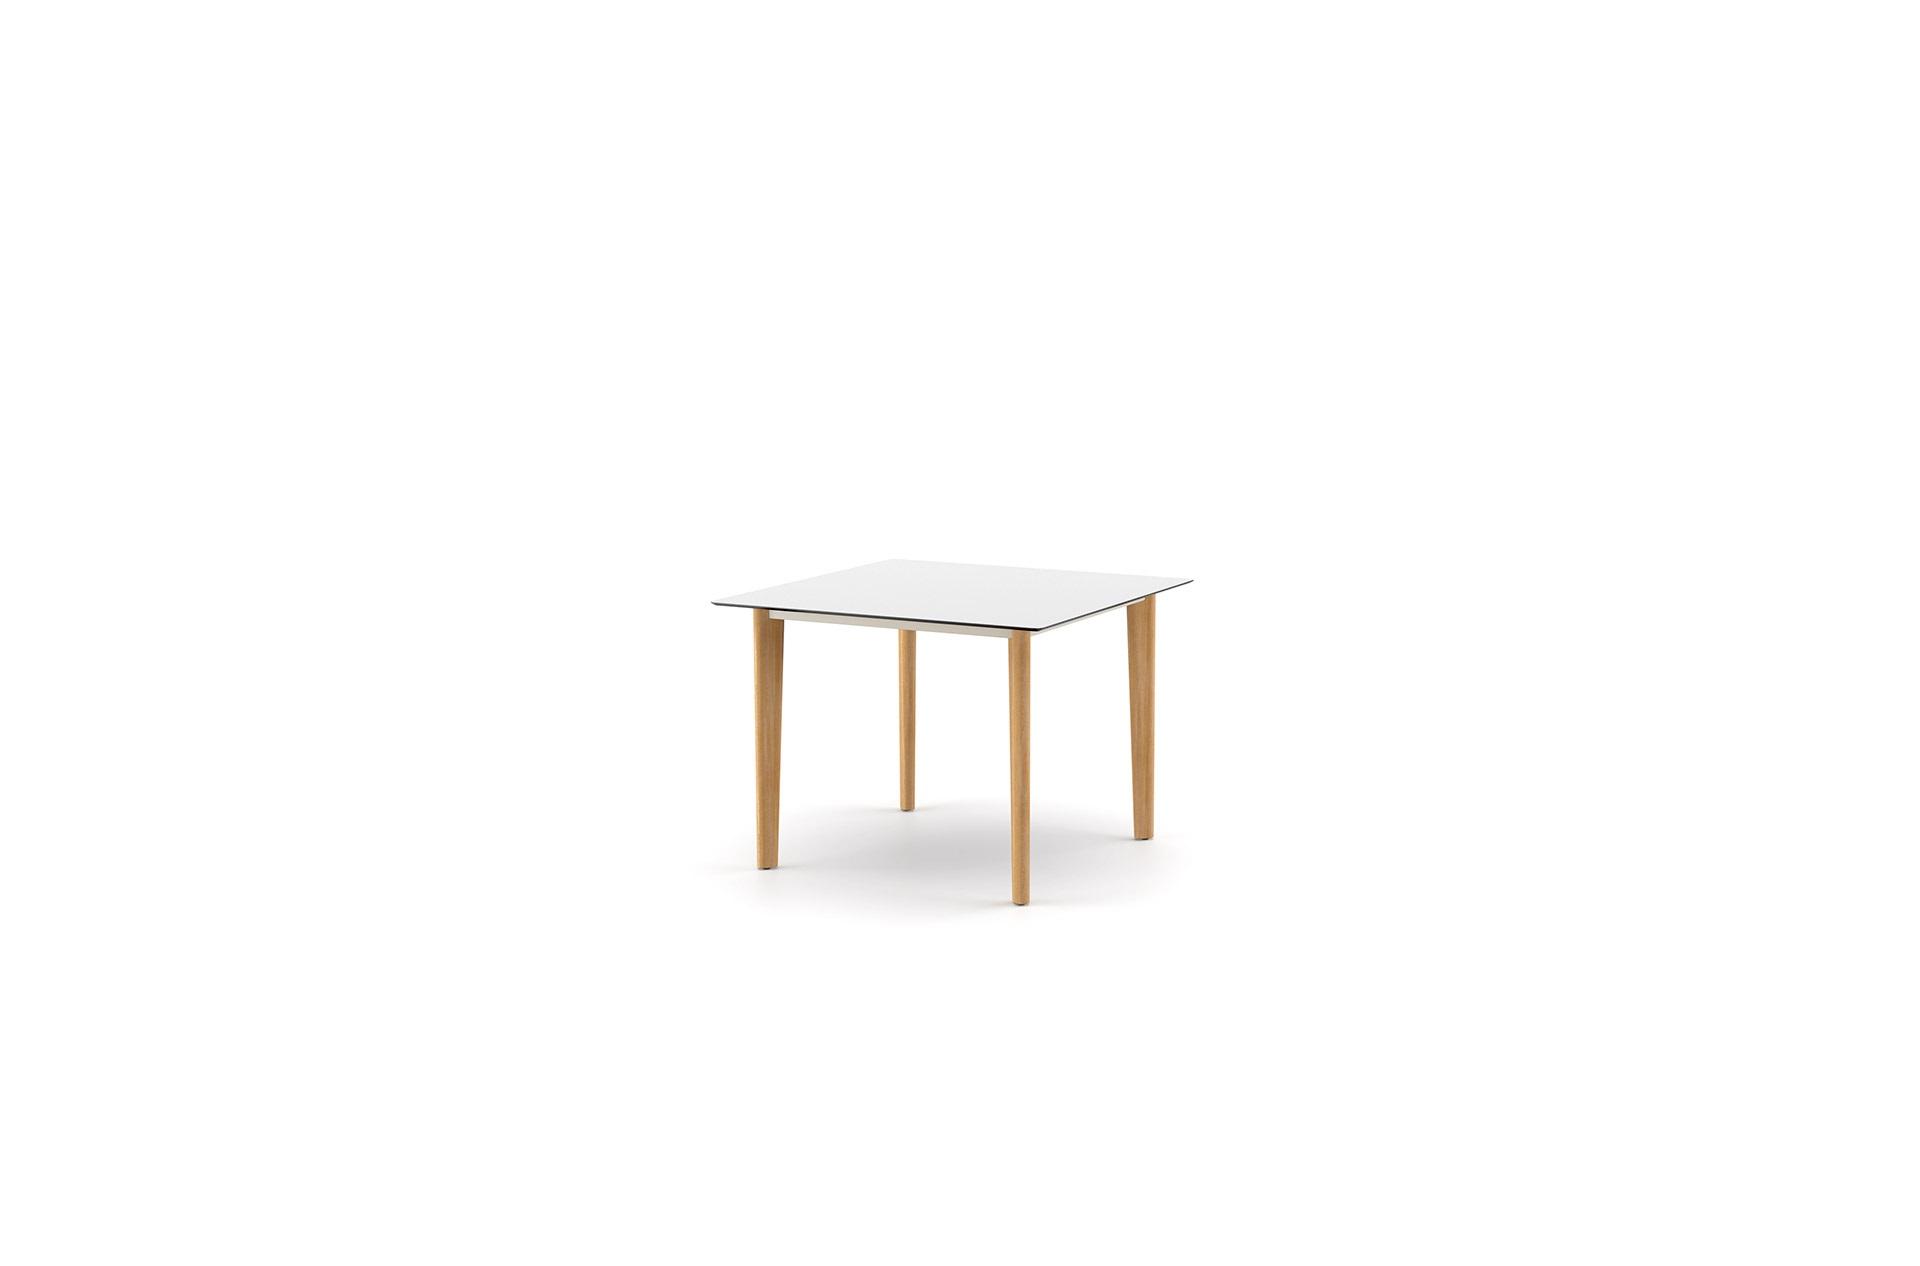 エアー ダイニングテーブル100x100